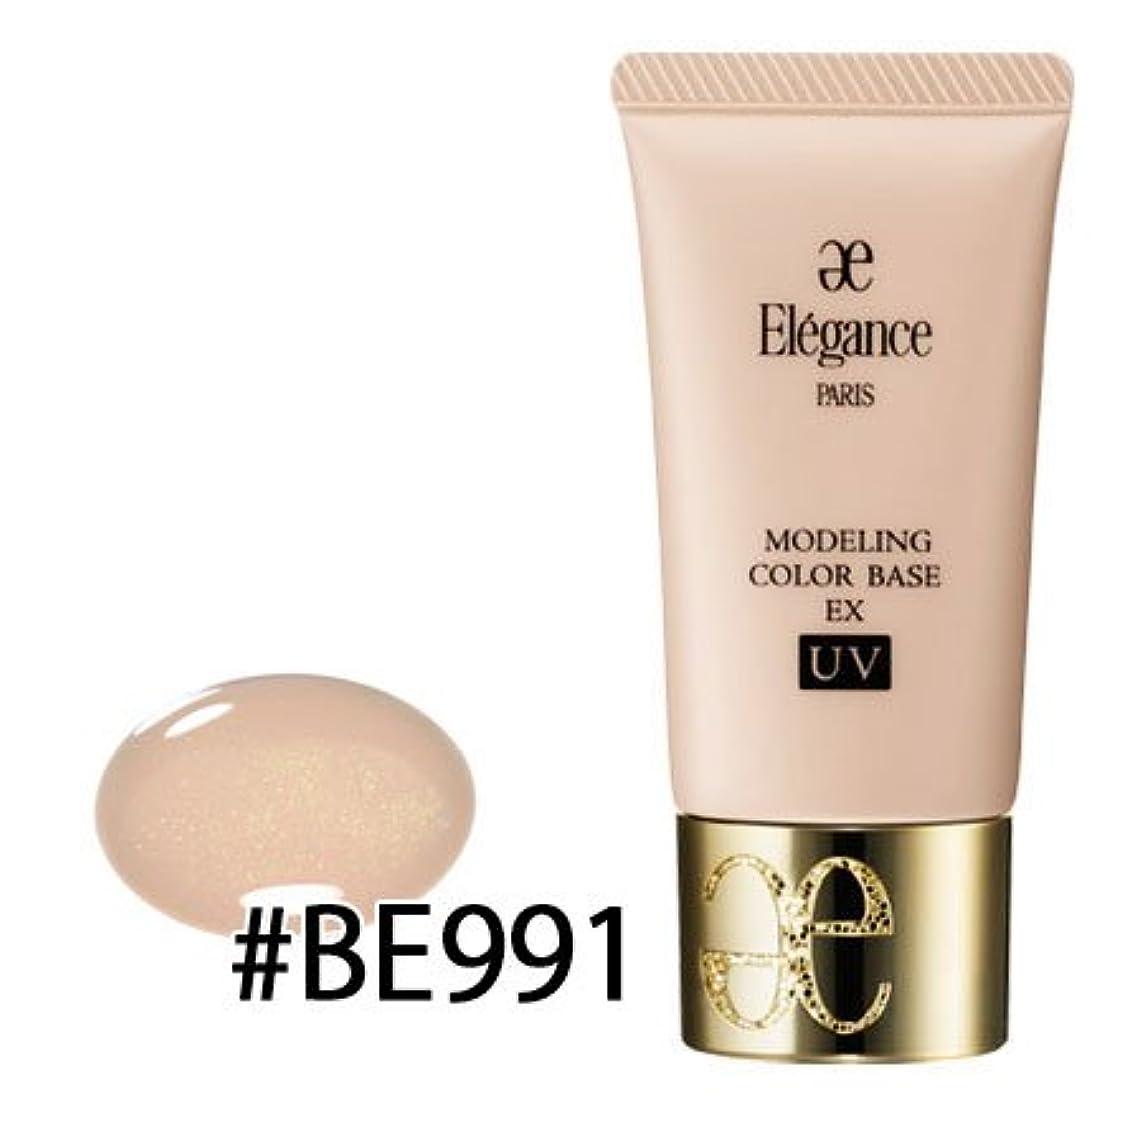 ブルジョンネブ絞るエレガンス モデリング カラーベース EX UV #BE991